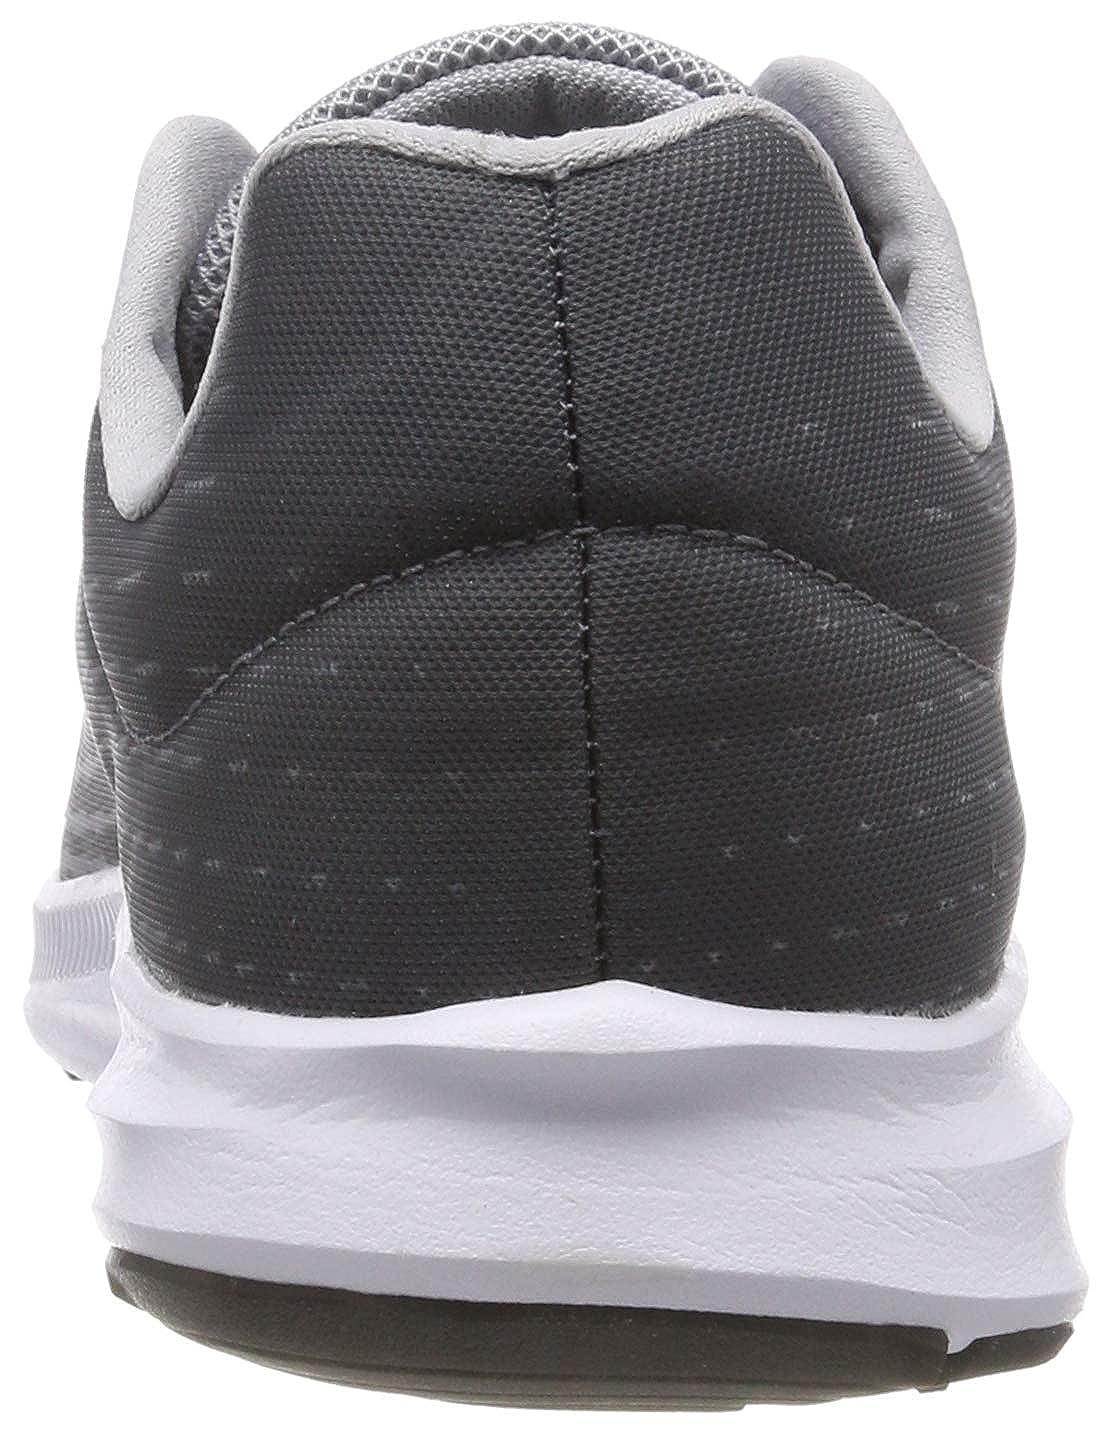 Nike Herren Herren Herren Downshifter 8 Laufschuhe B075ZXK34L  985f6b